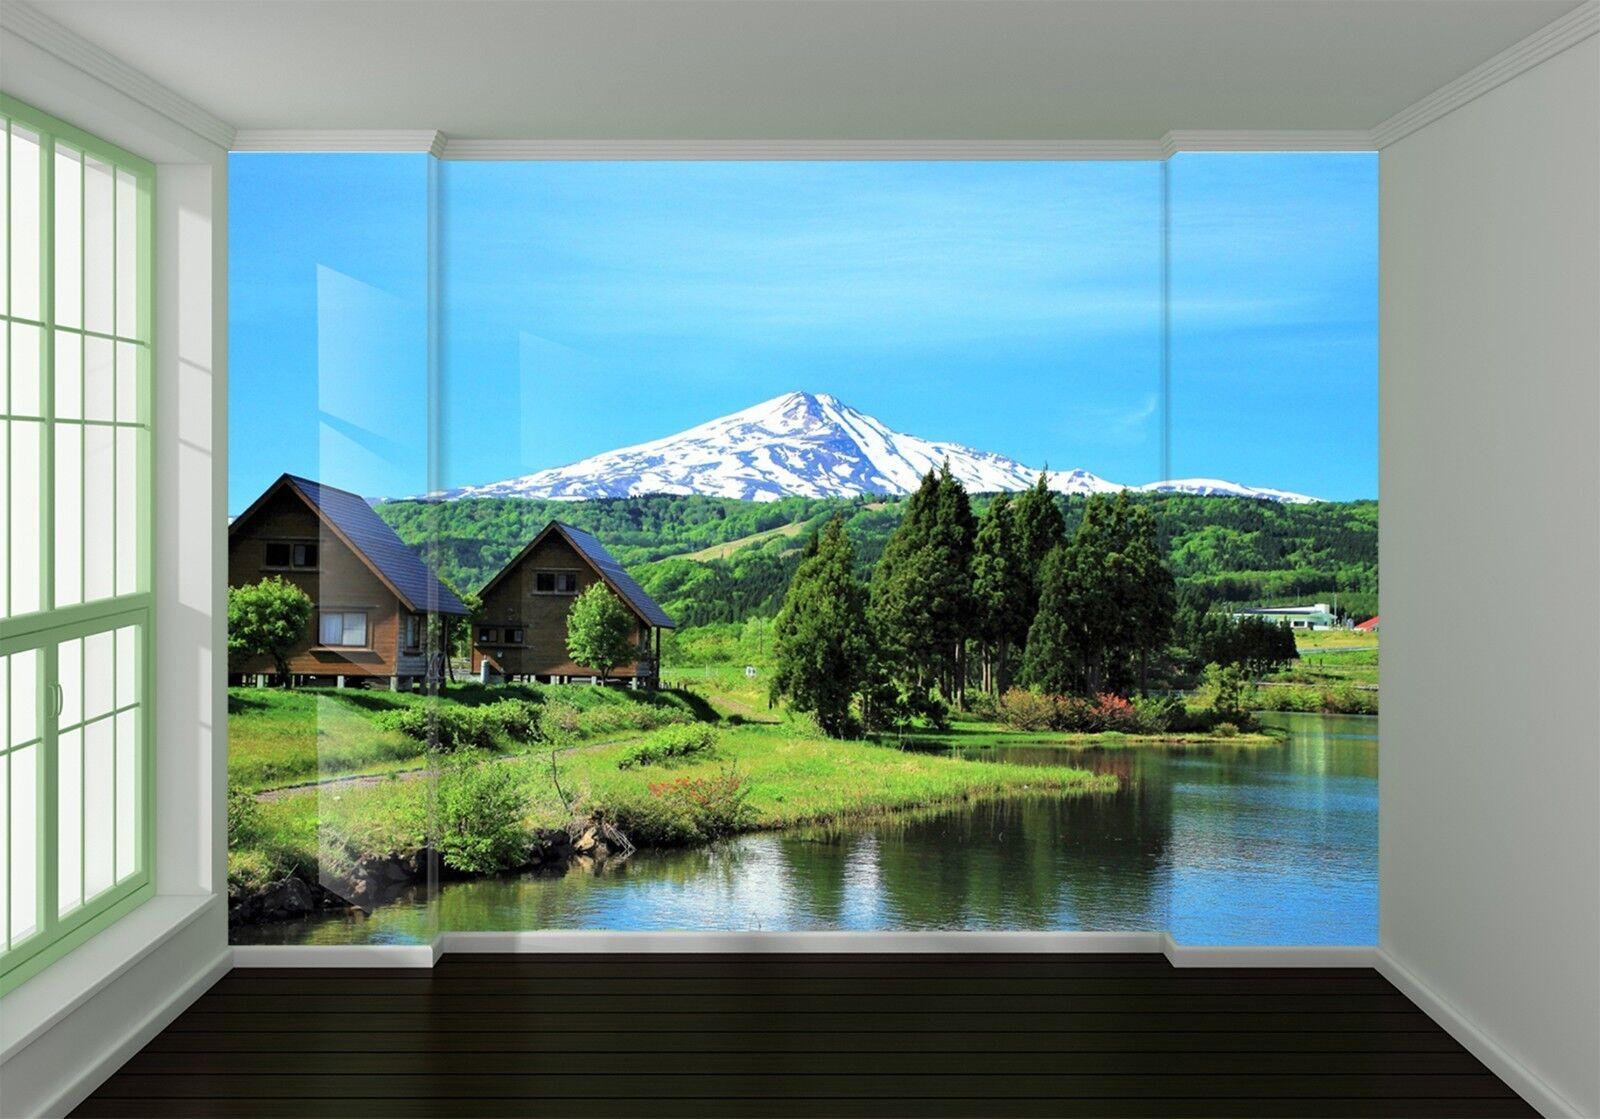 3D Wiese Villa Landschaft 8757 Tapete Wandgemälde Tapeten Bild Bild Bild Familie DE Lemon | Beliebte Empfehlung  |  206860